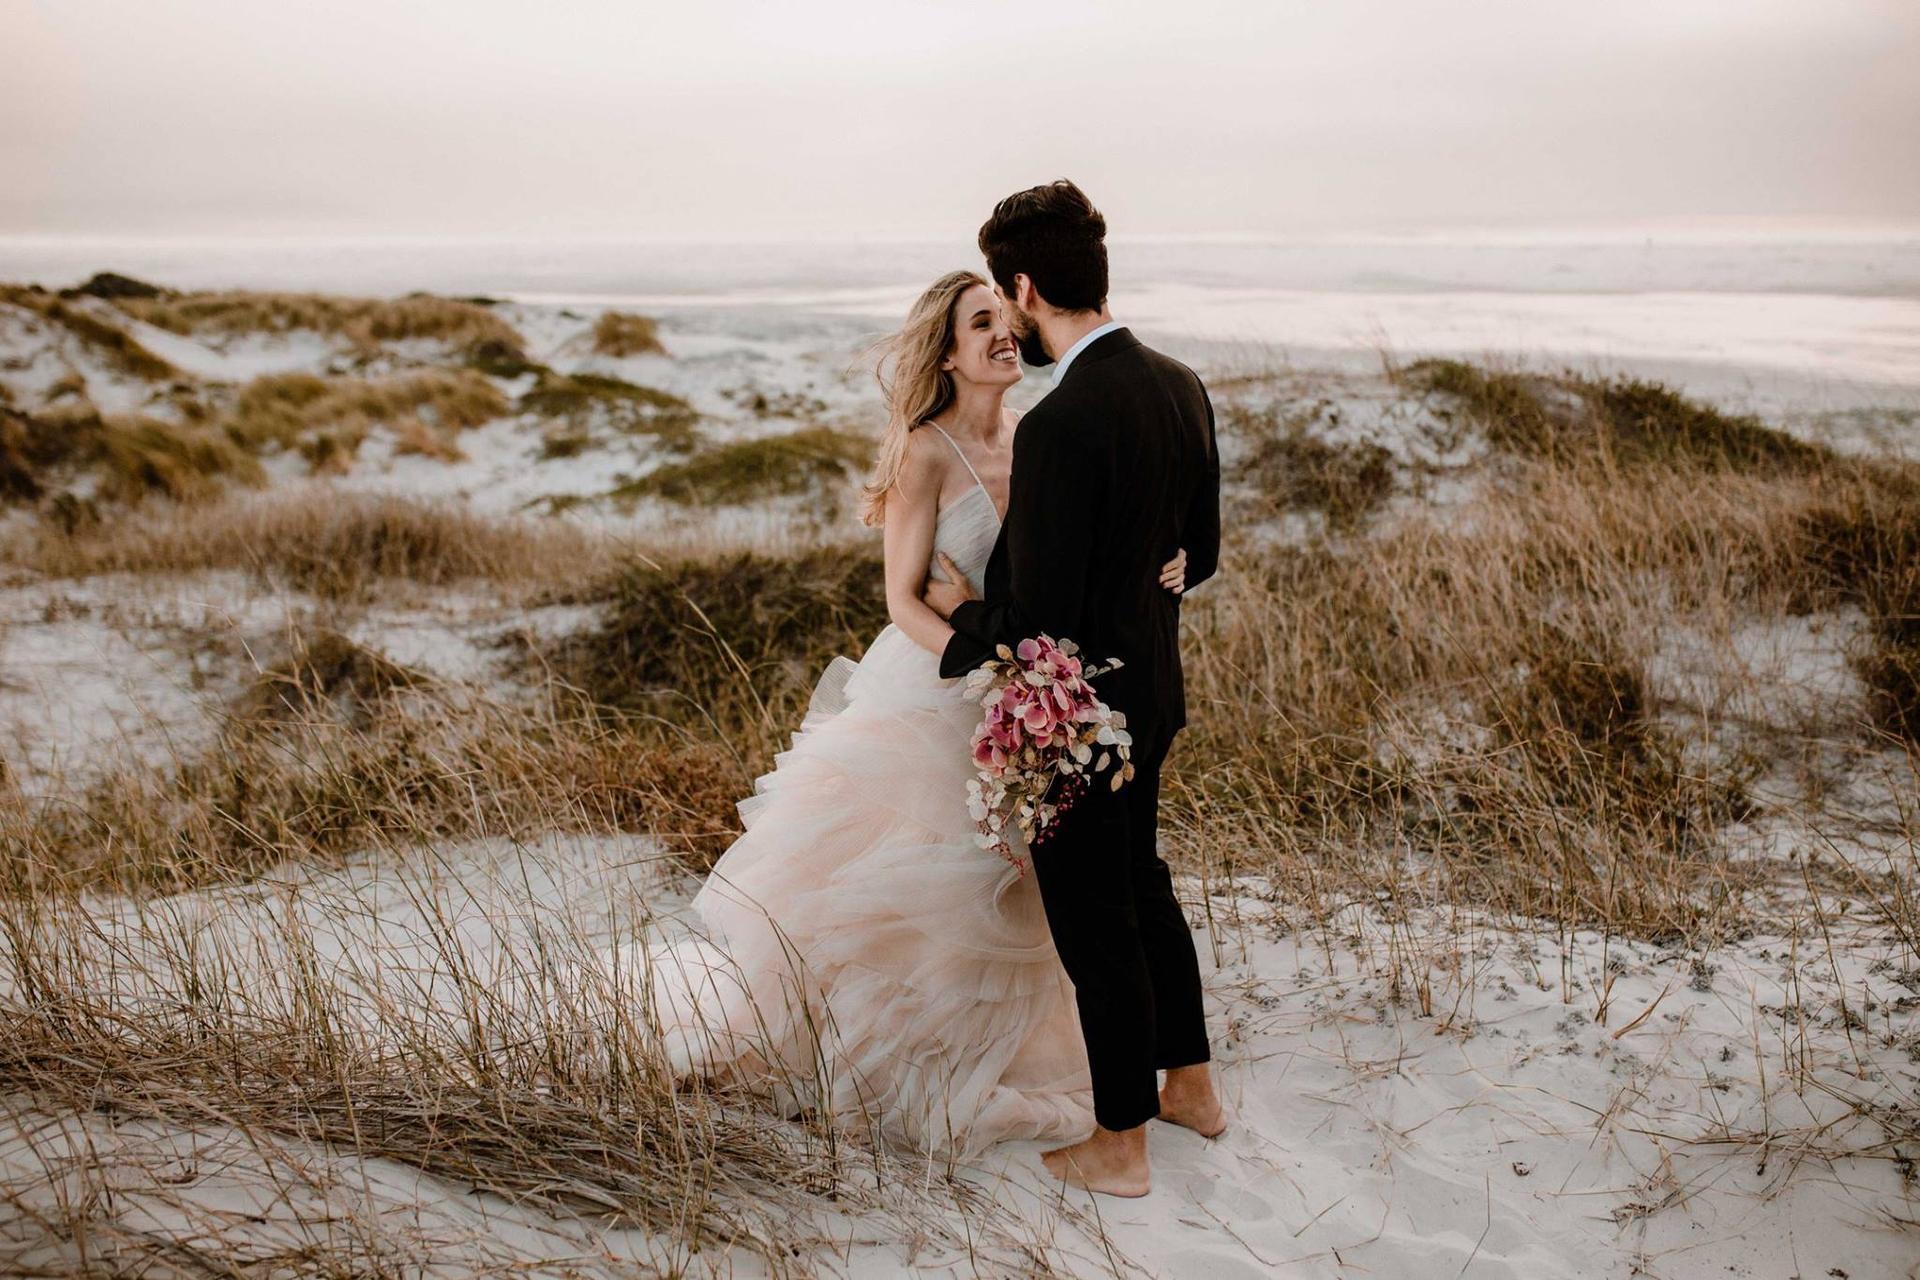 Inspirace na svatební fotky - Obrázek č. 3